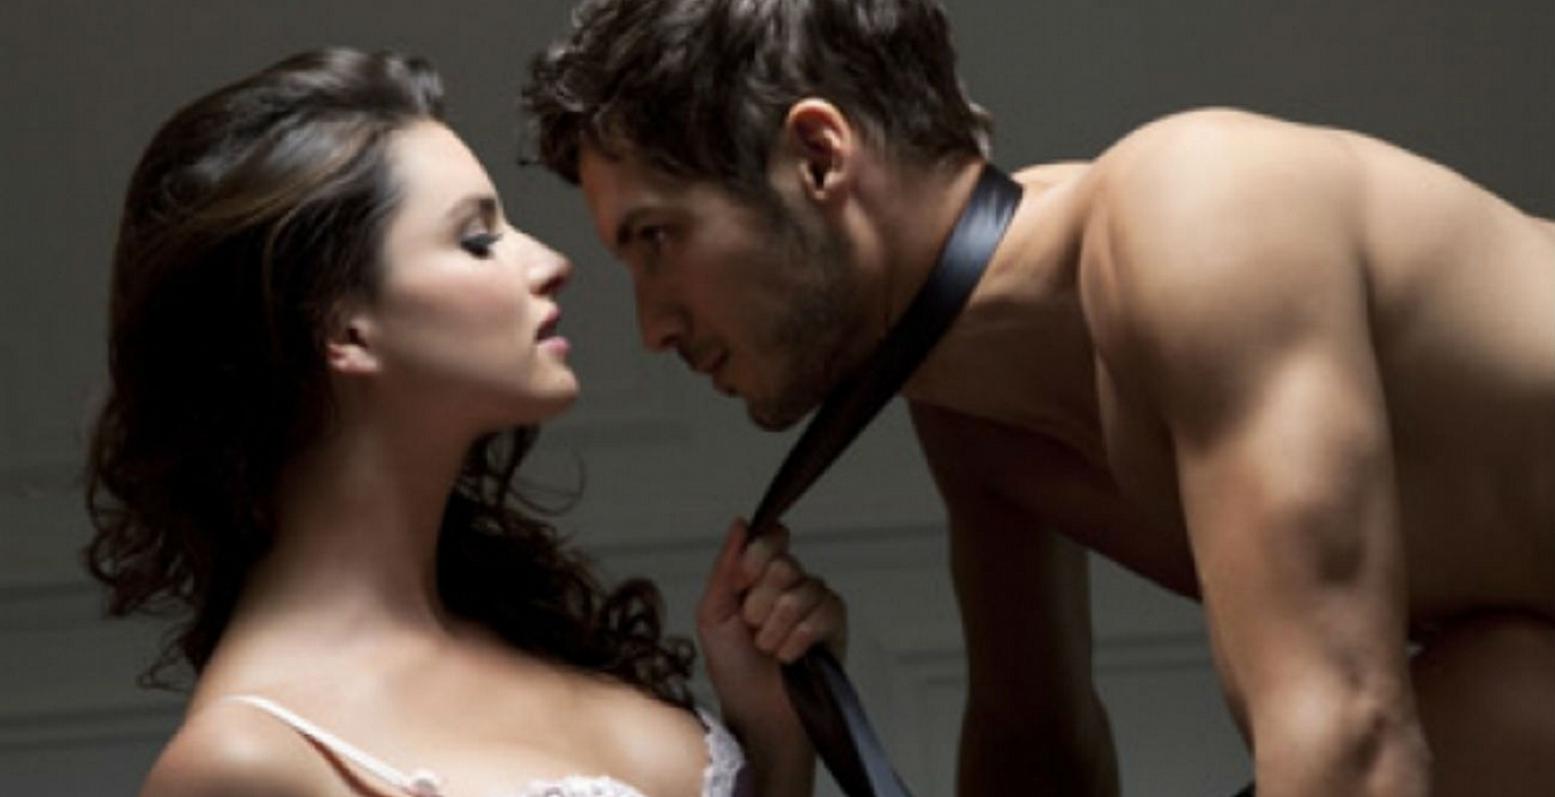 βρώμικο μασάζ σεξ βίντεο